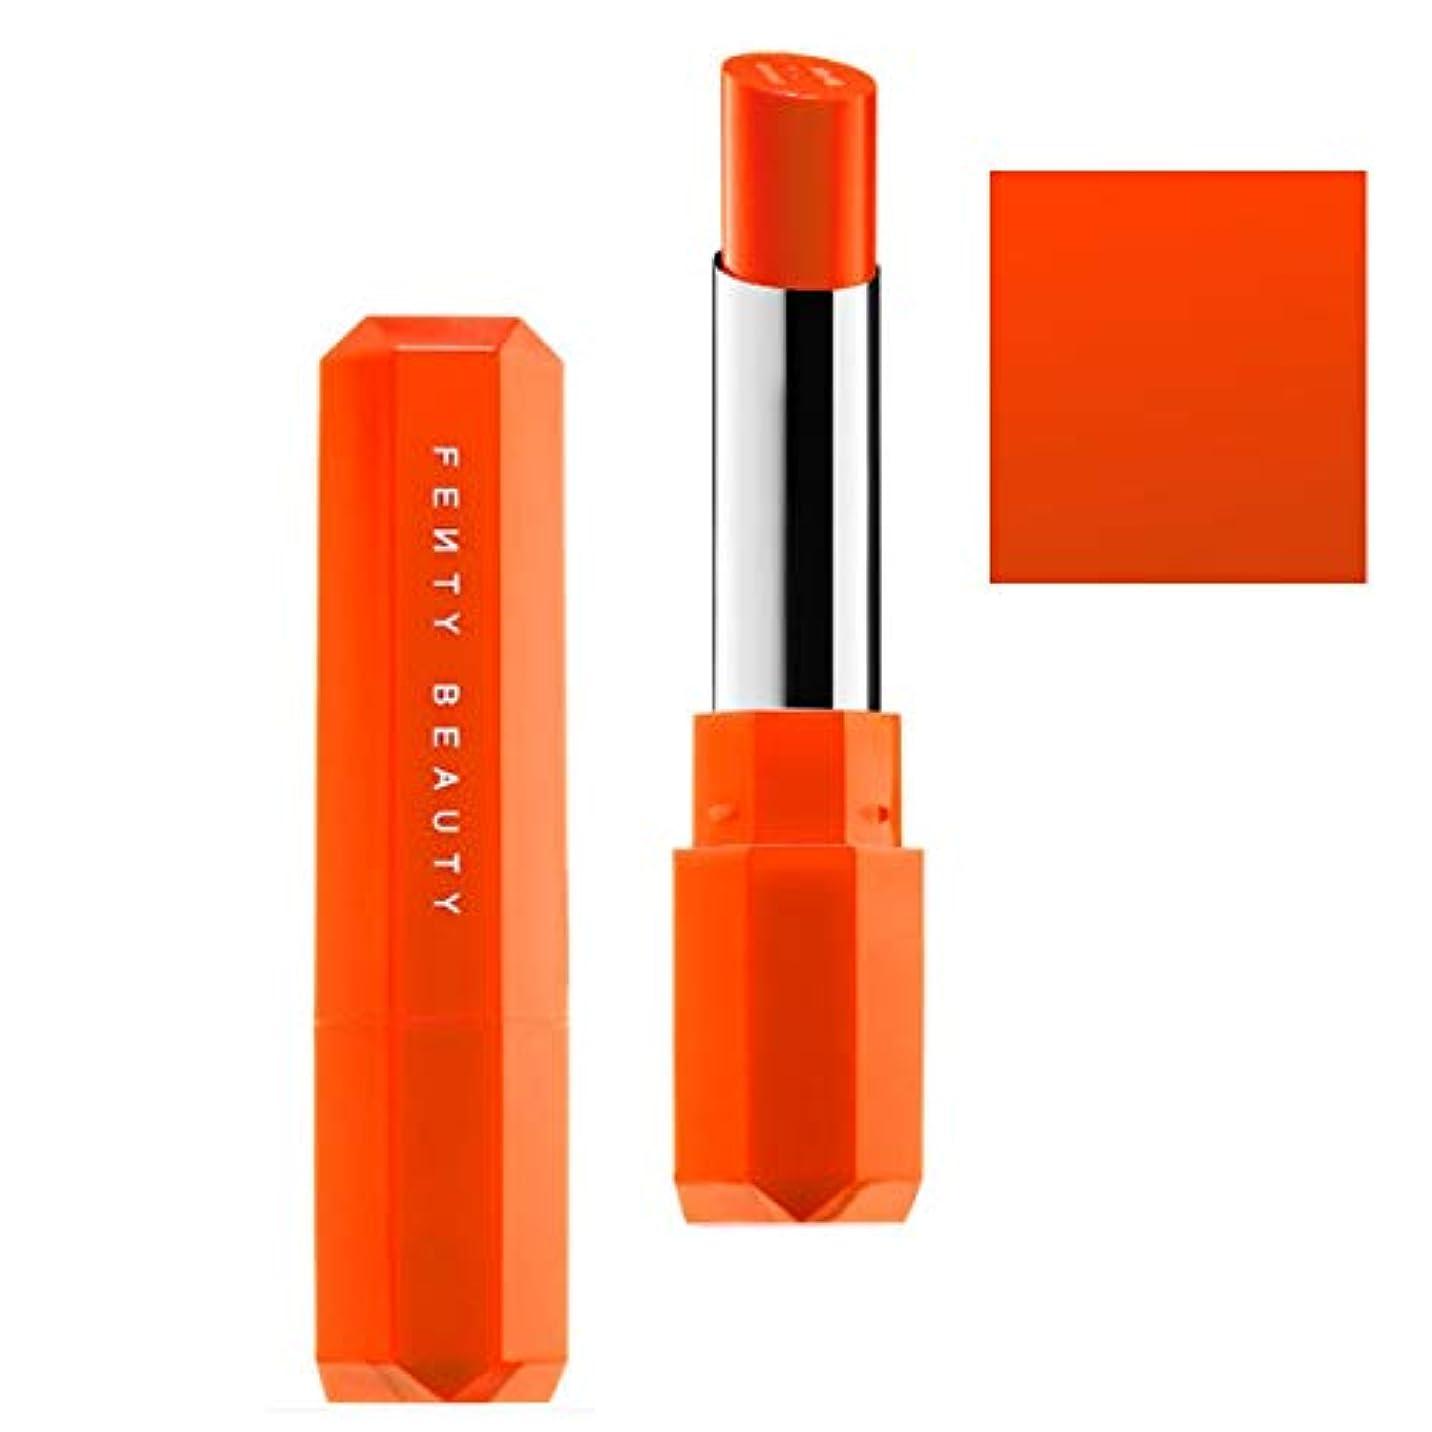 FENTY BEAUTY BY RIHANNA,New!!, 限定版 limited-edition, Poutsicle Juicy Satin Lipstick - Sun Snatched [海外直送品] [並行輸入品]